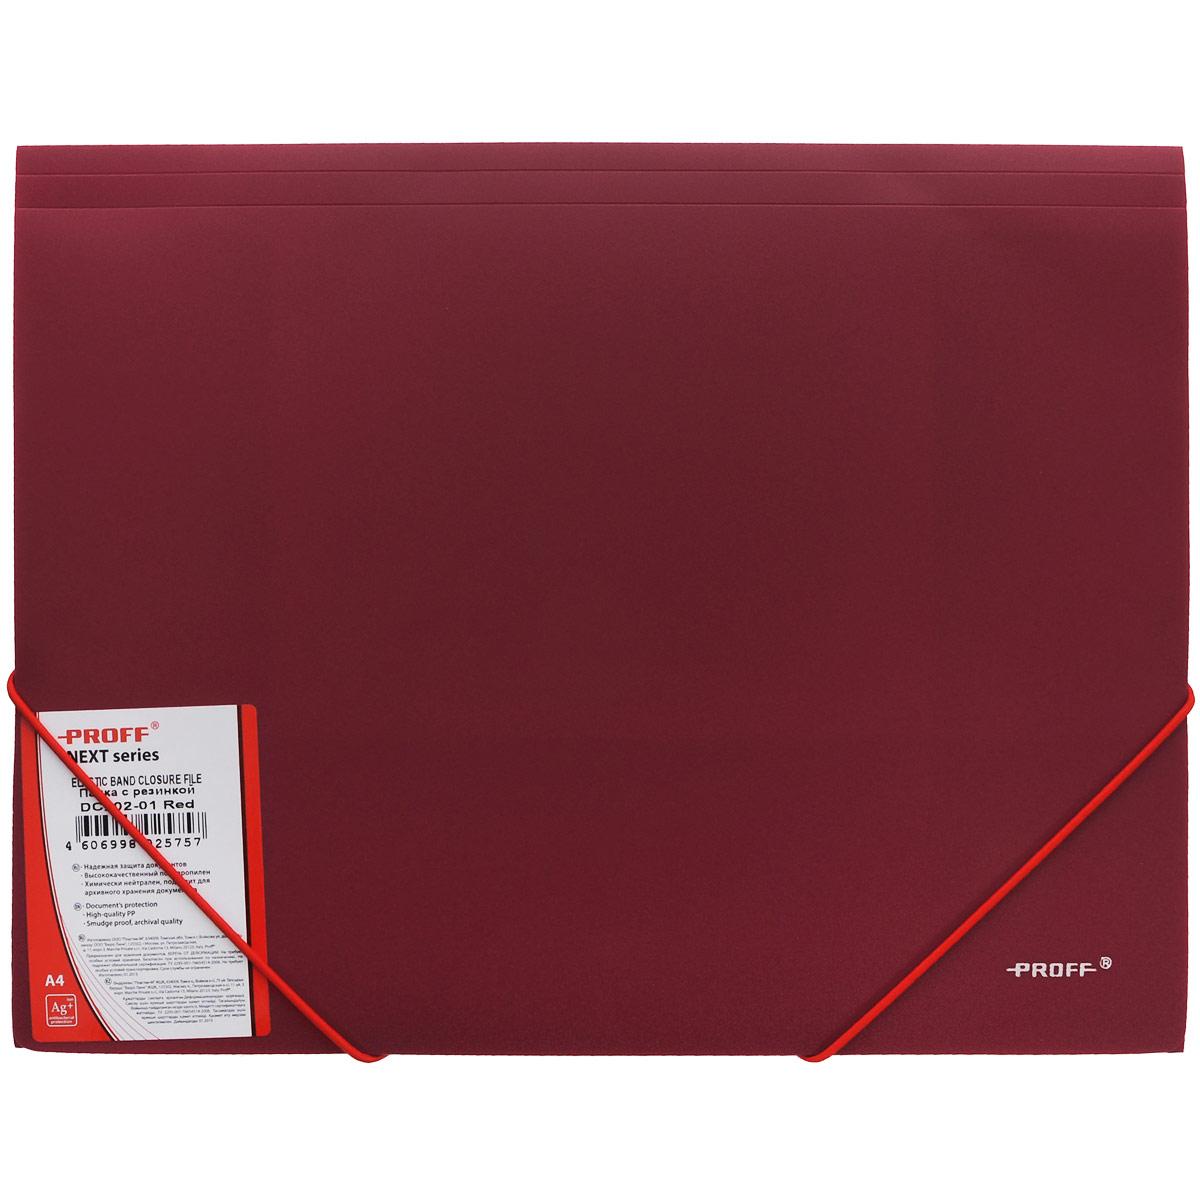 Proff Папка на резинке Next цвет темно-красныйDC202-01Папка на резинке Proff Next, изготовленная из высококачественного плотногополипропилена, это удобный и практичный офисный инструмент, предназначенный для хранения и транспортировки рабочих бумаг и документов формата А4. Матовая папка, оснащенная тремя клапанами внутри для надежного удержания бумаг, закрывается при помощи угловых резинок. Согнув клапаны по линии биговки, можно легко увеличить объем папки, что позволитвместить большее количество документов.Папка на резинке - это незаменимый атрибут для студента, школьника, офисного работника. Такая папка надежно сохранит ваши документы и сбережет их от повреждений, пыли и влаги.